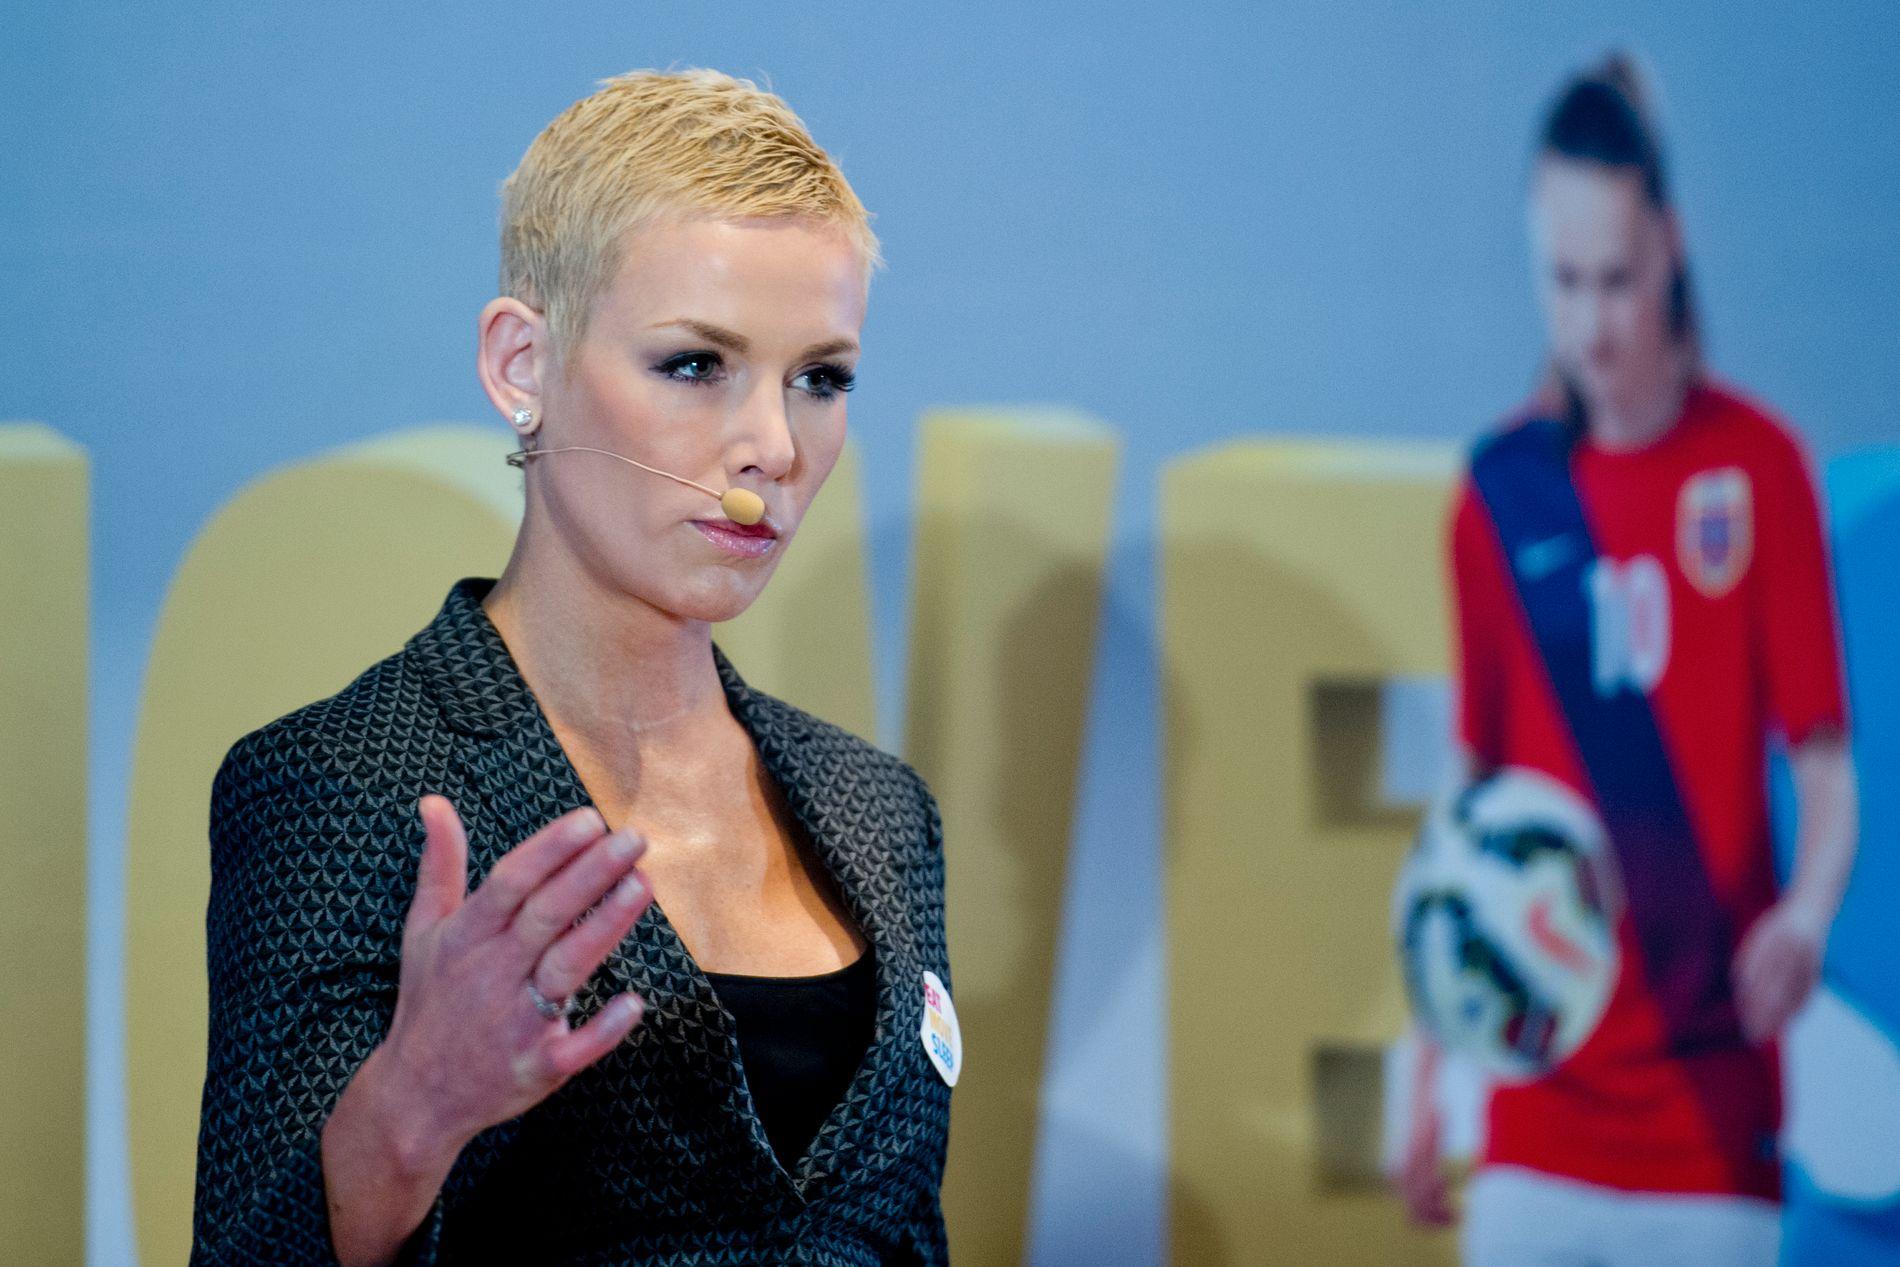 ÅPEN OM SYKDOMMEN: Gunhild Stordalen skal nå gjennomgå samme behandling som hun fikk i november 2014. ARKIVFOTO: SCANPIX